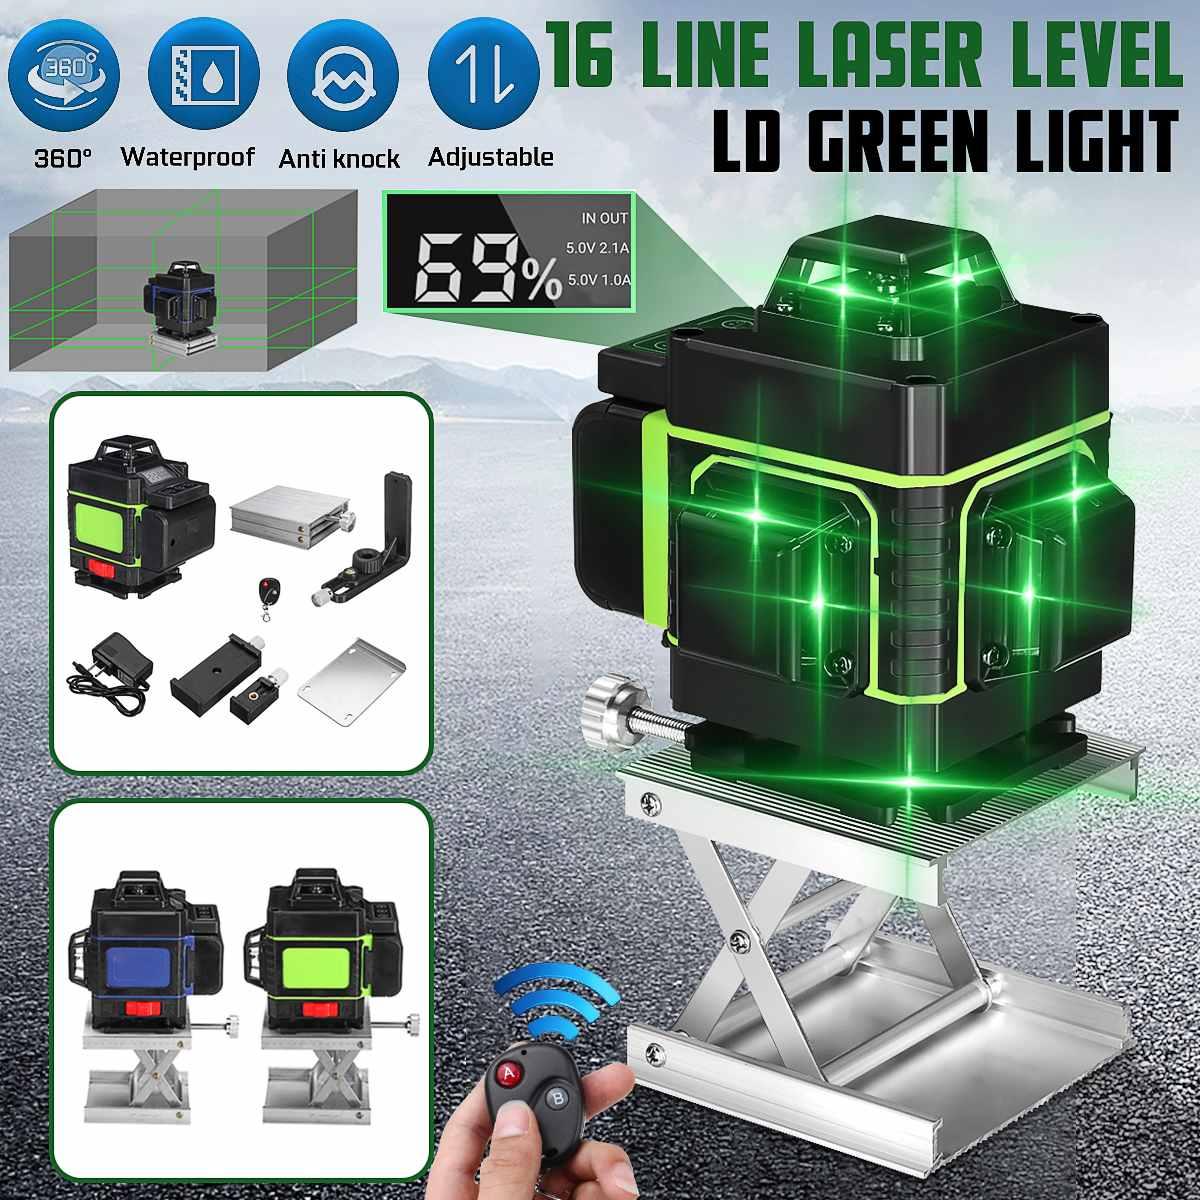 Laser nível 16 linhas 3d auto-nivelamento 360 horizontal e vertical cruz super poderosa linha de feixe de laser verde